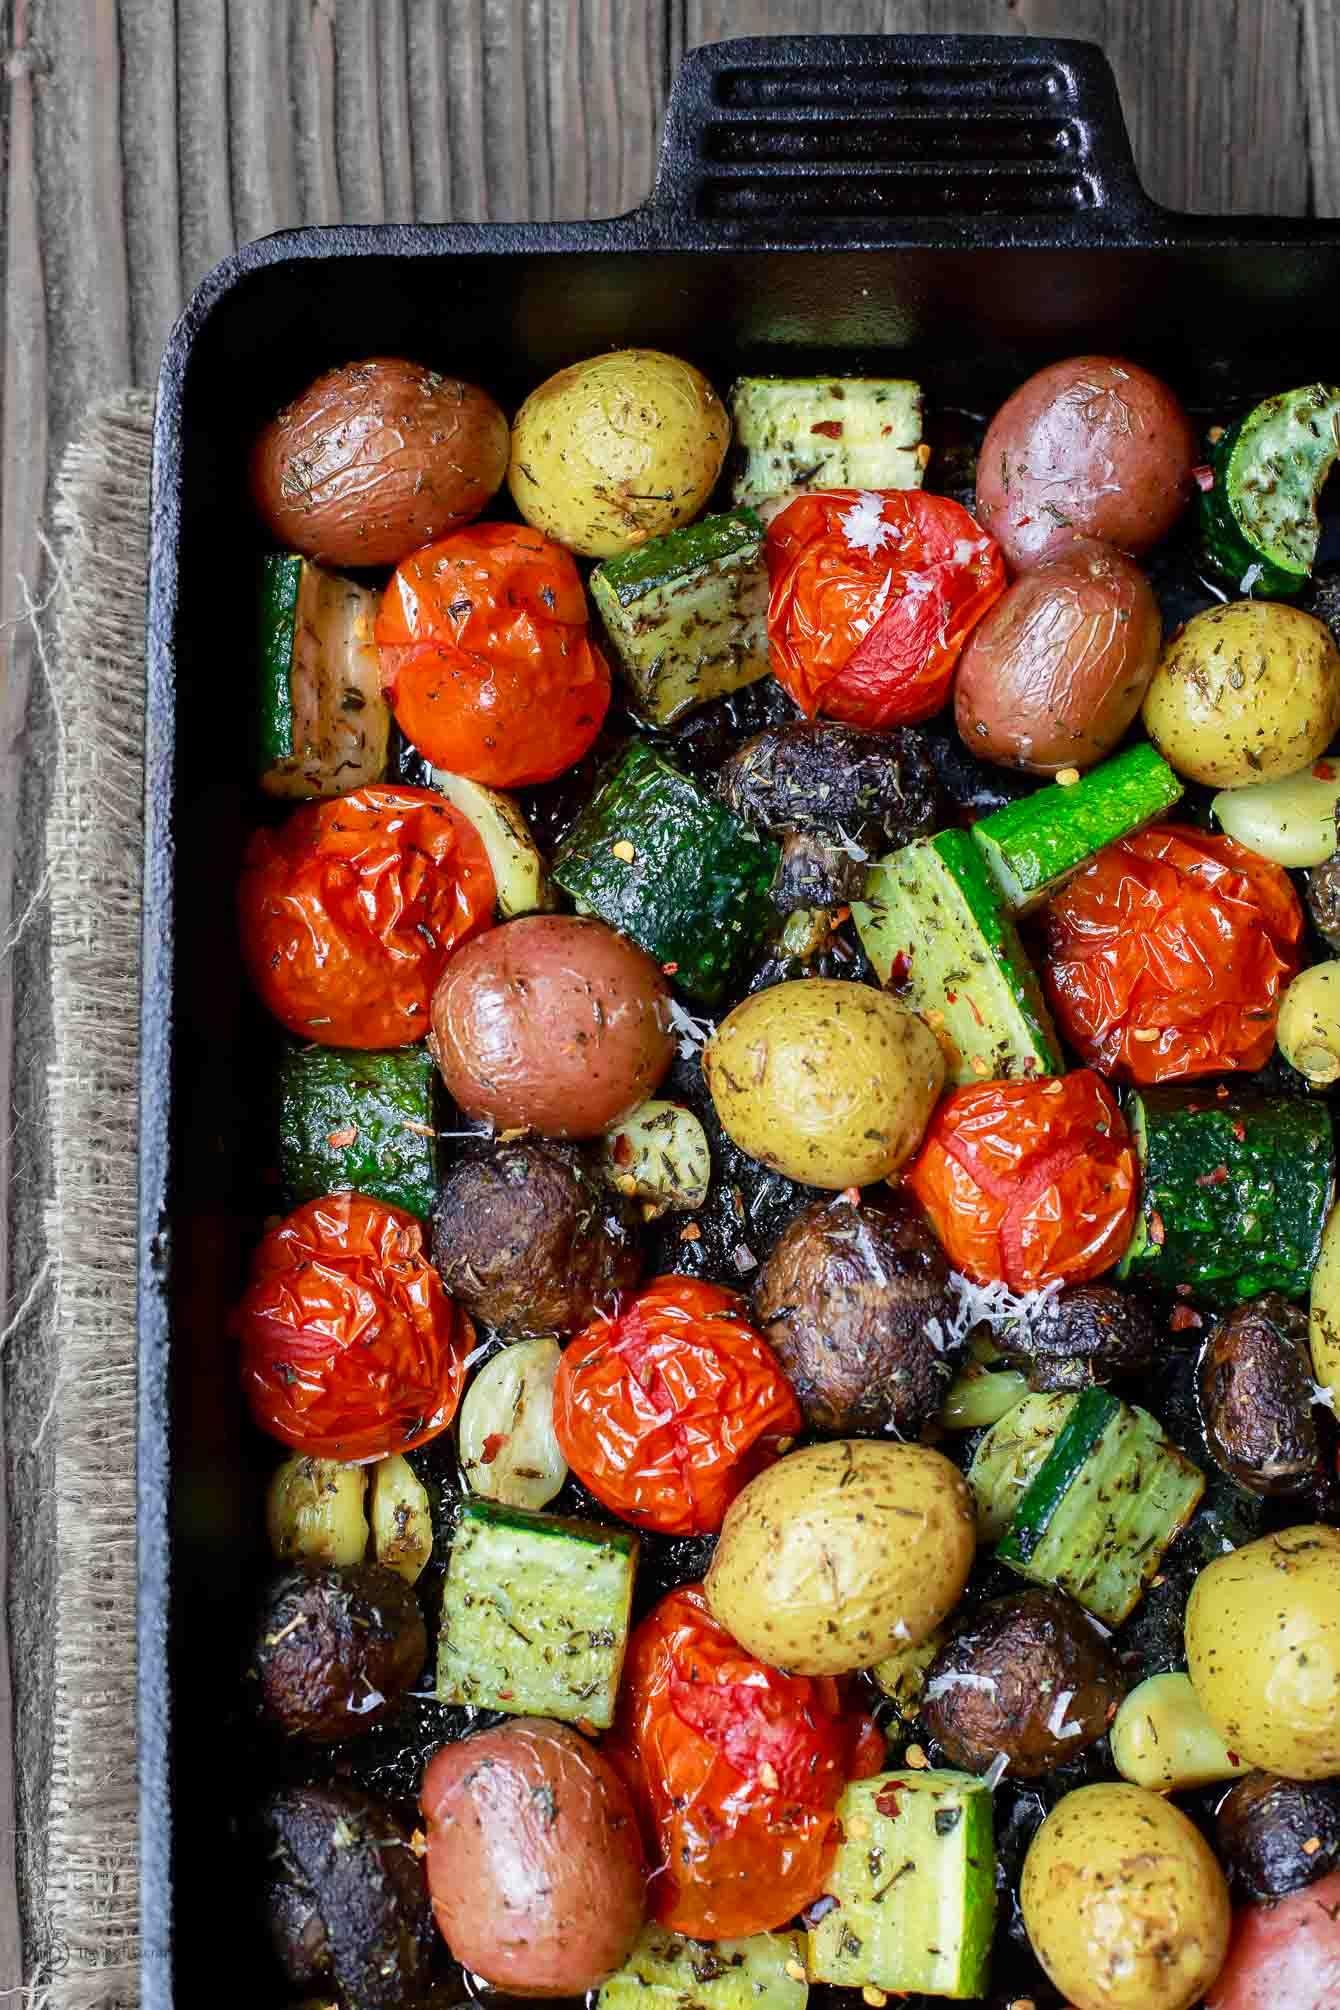 Italian oven roasted vegetables recette plats l gumes r tis l gumes r tis au four et l gumes - Recette legumes grilles au four ...